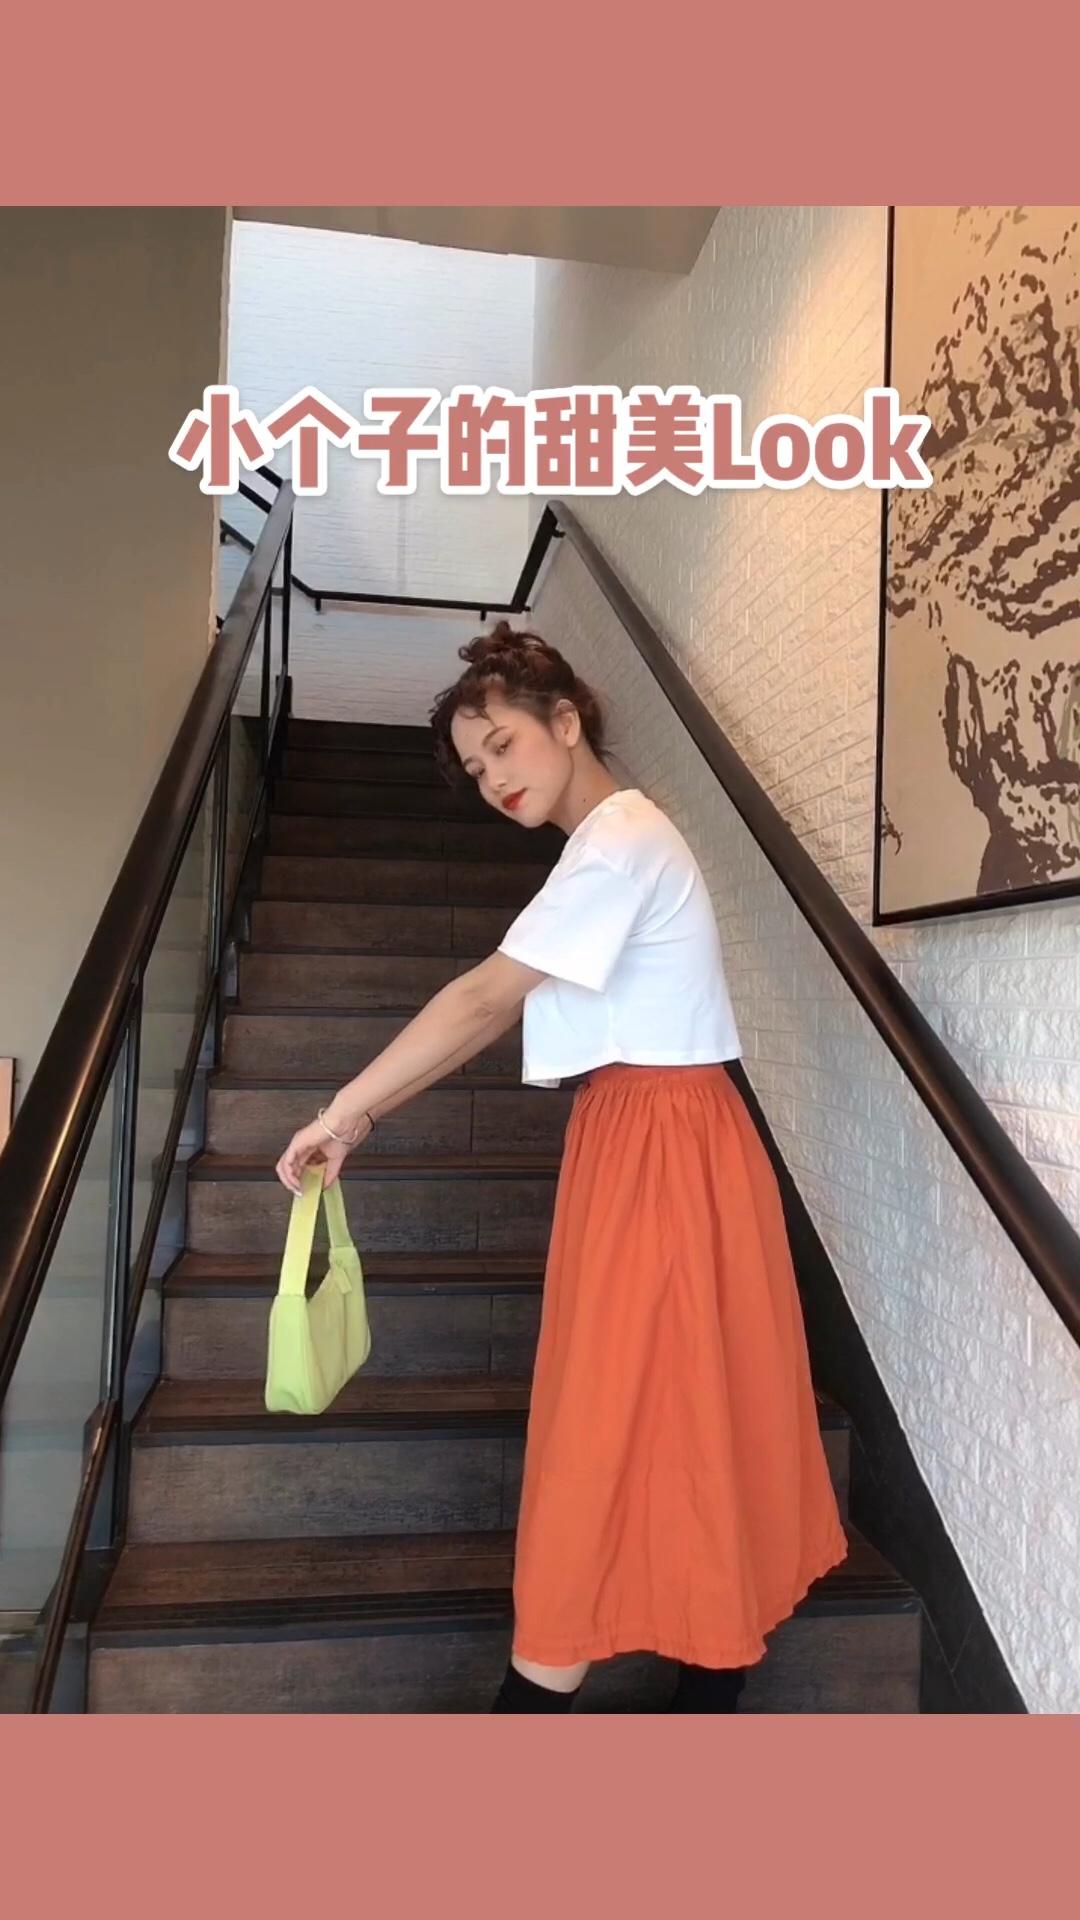 短款上衣➕橙色长裙 这一套谁穿谁美 太好可爱了 绑上丸子头 精神了不少  夏天不管是橙色短裙长裙 我都统统要!! 这个包包也很可爱哦 #网红遮肉tips,学到就是赚到!#